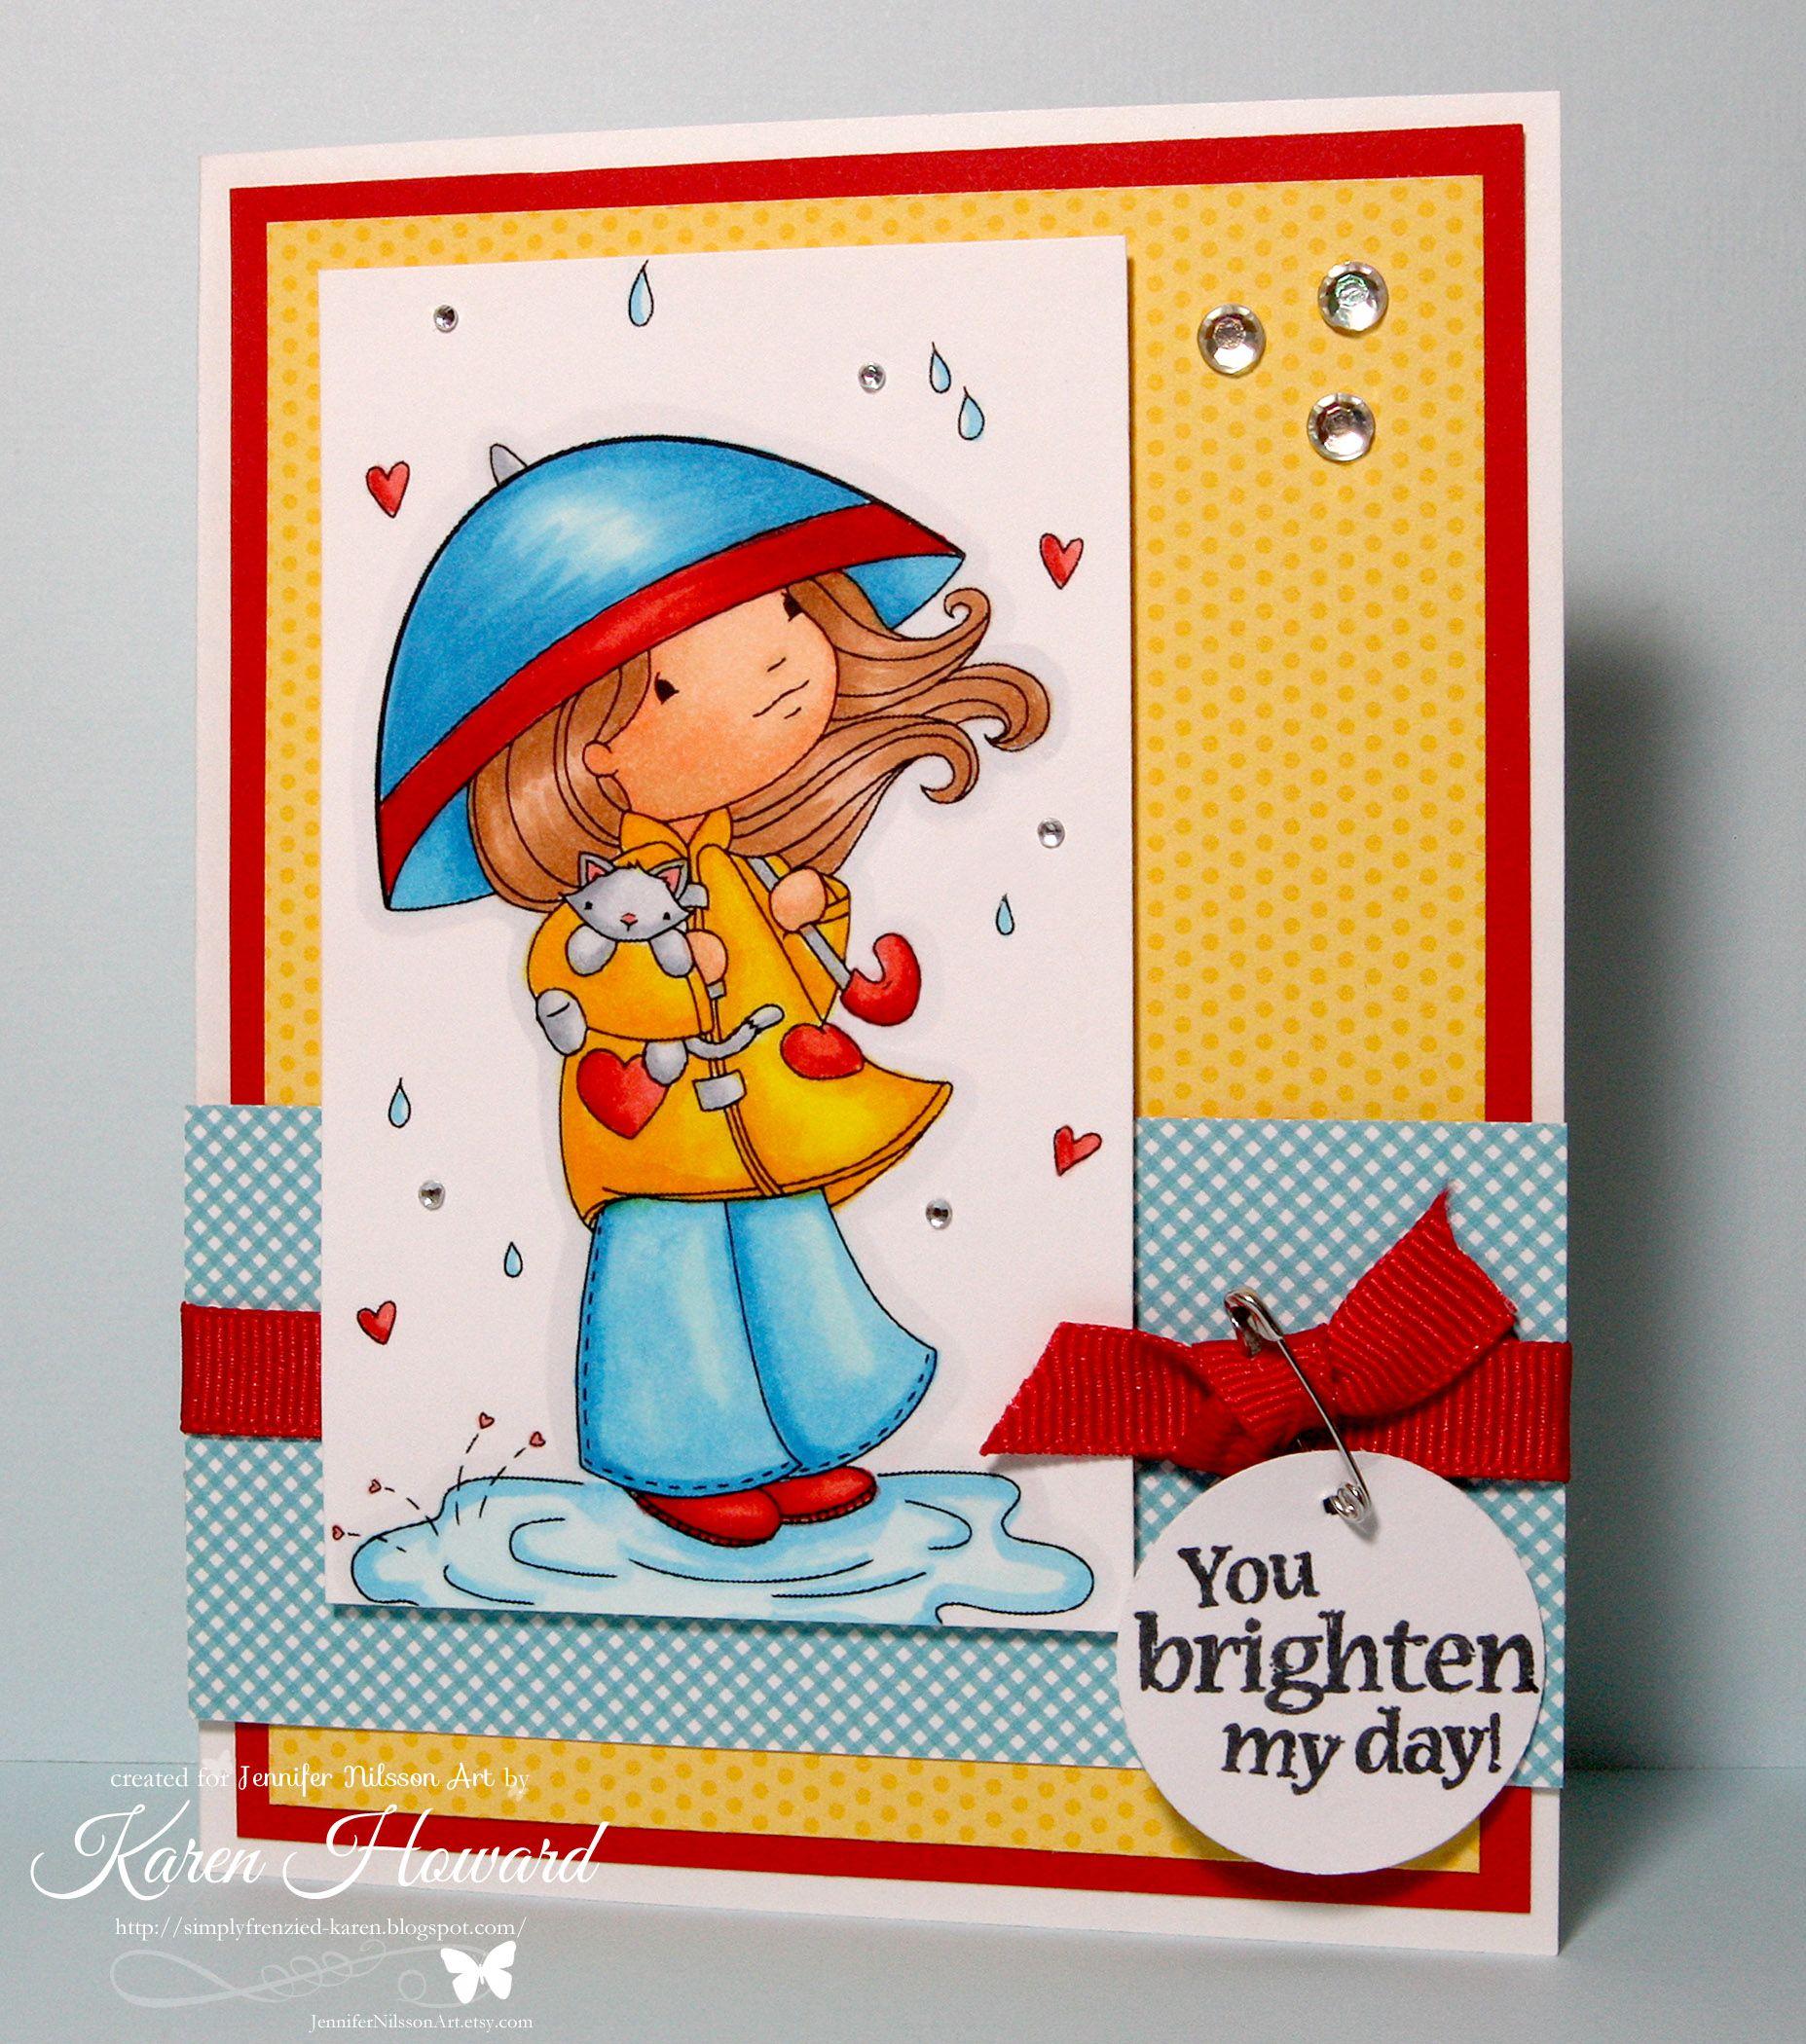 Drops of Love - Jennifer Nilsson Art on card sample designed by Karen www.simplyfrenzied-karen.blogspot.com